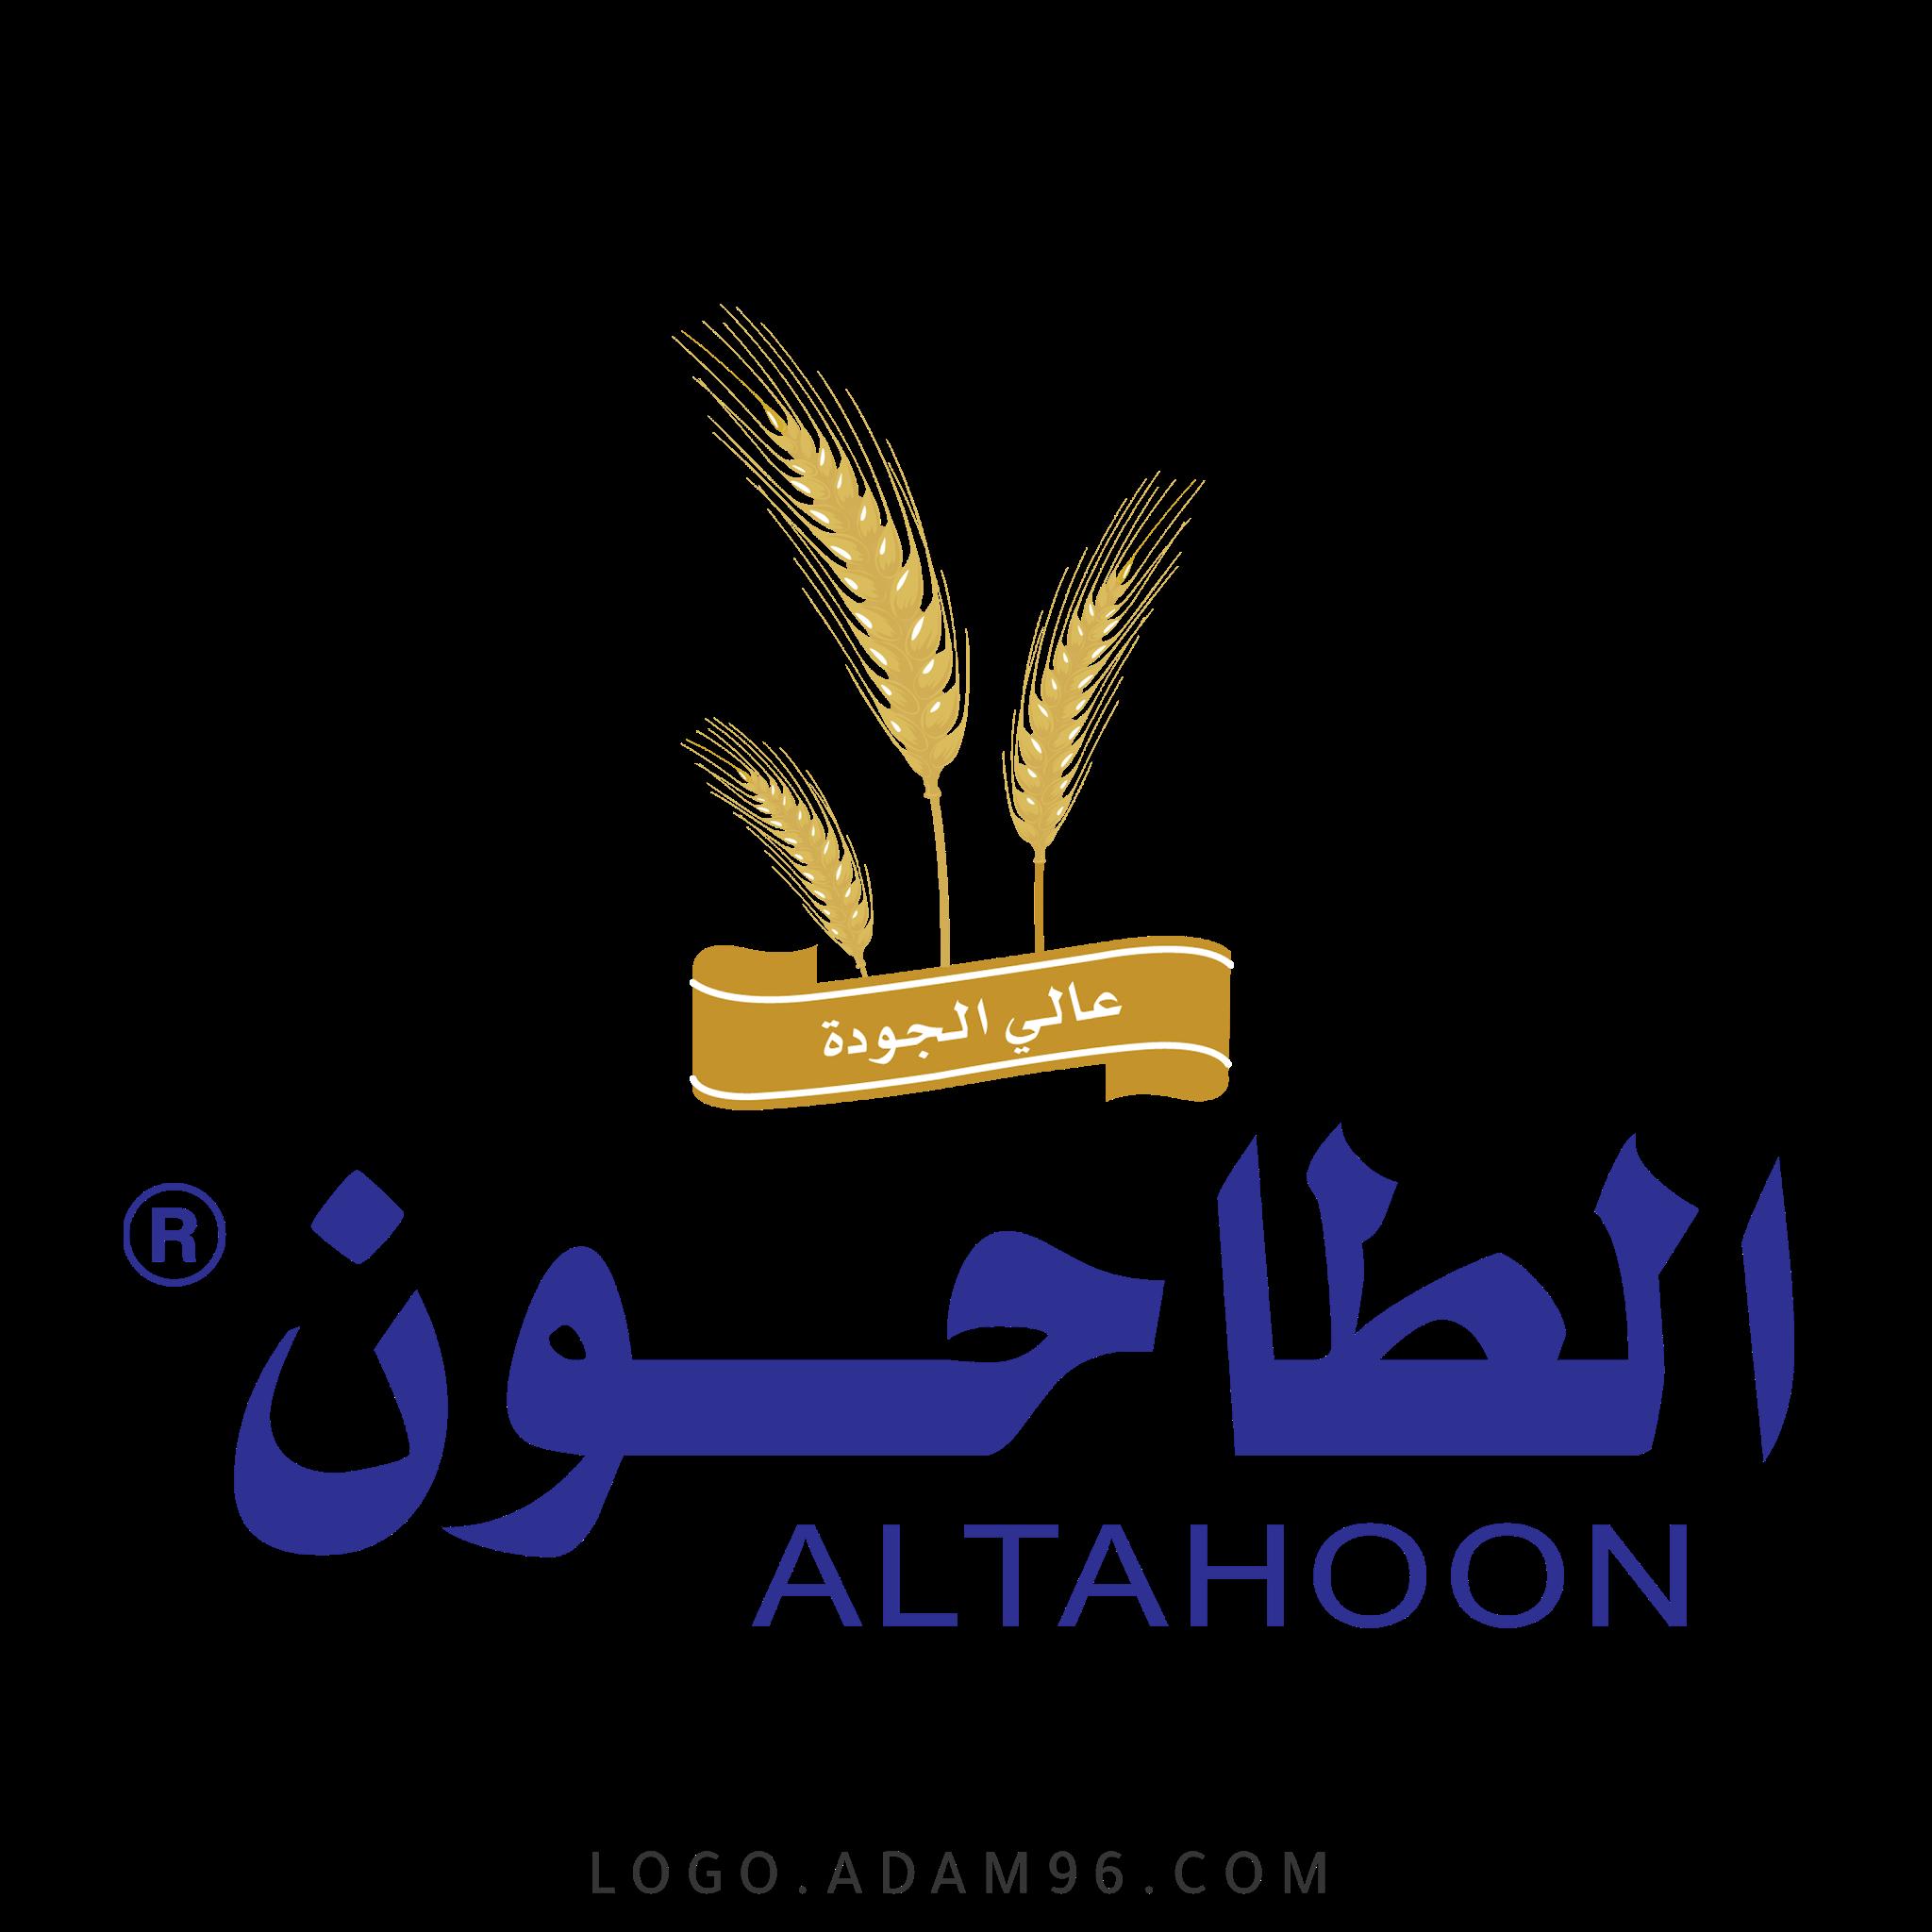 تحميل شعار شركة الطاحون لوجو عالي الجودة PNG